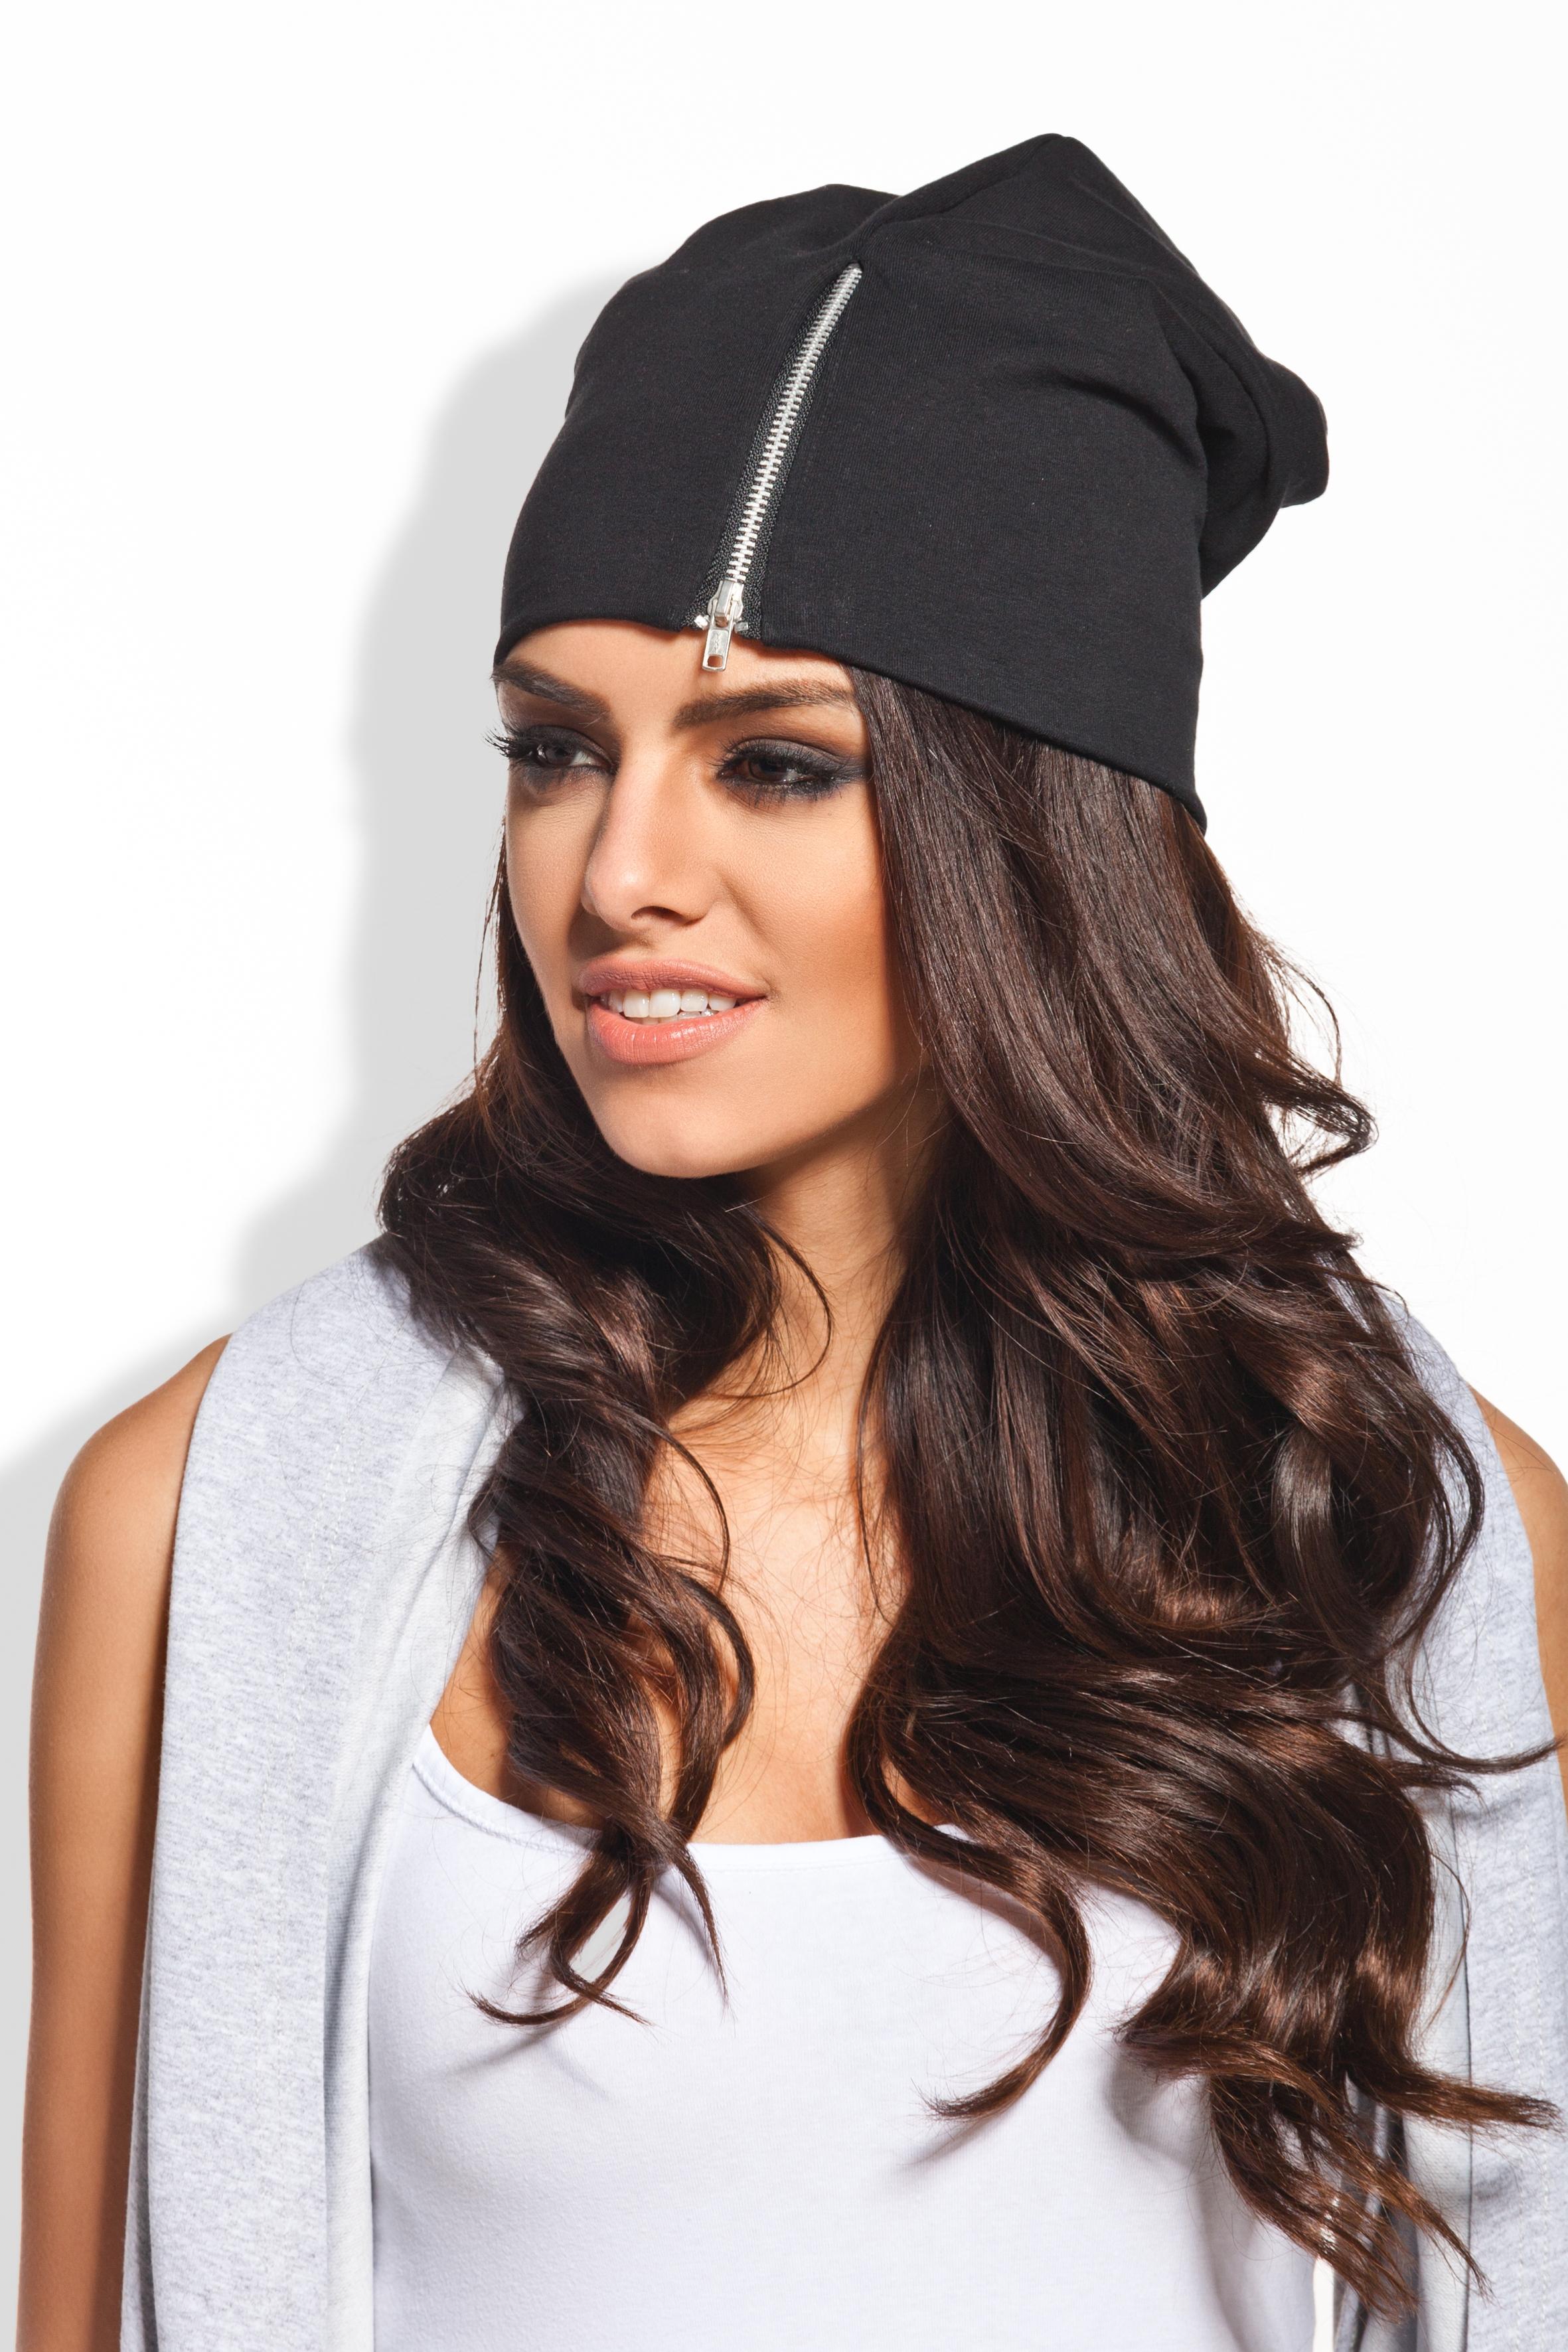 Čepice s ozdobným zipem, černá, jednotná